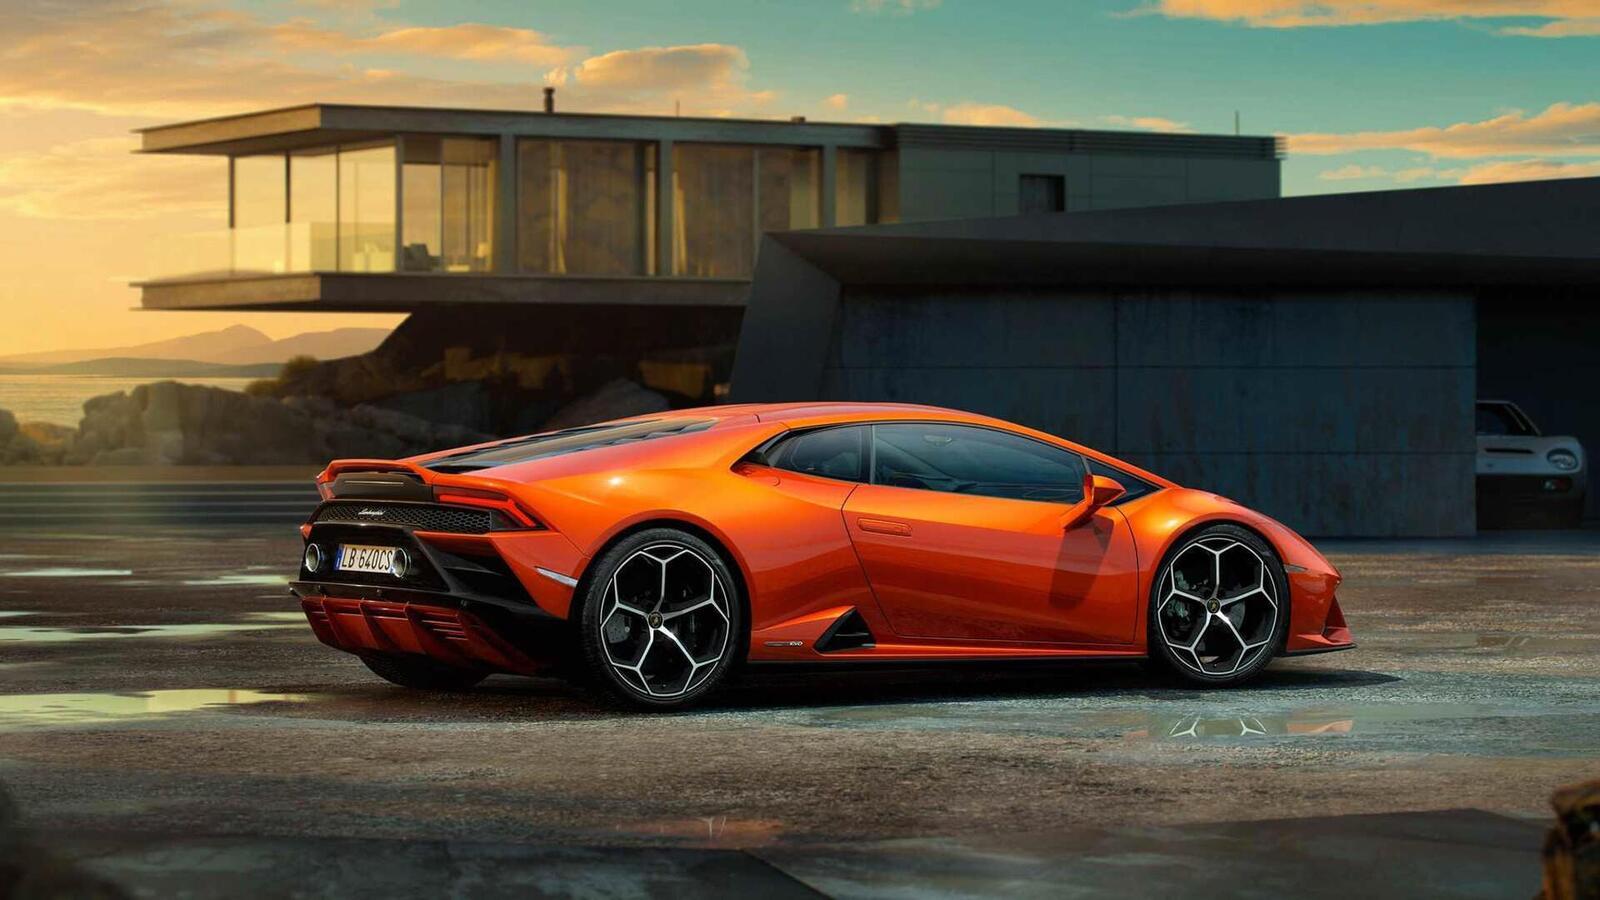 Lamborghini giới thiệu Huracan EVO mới với sức mạnh 640 mã lực - Hình 10